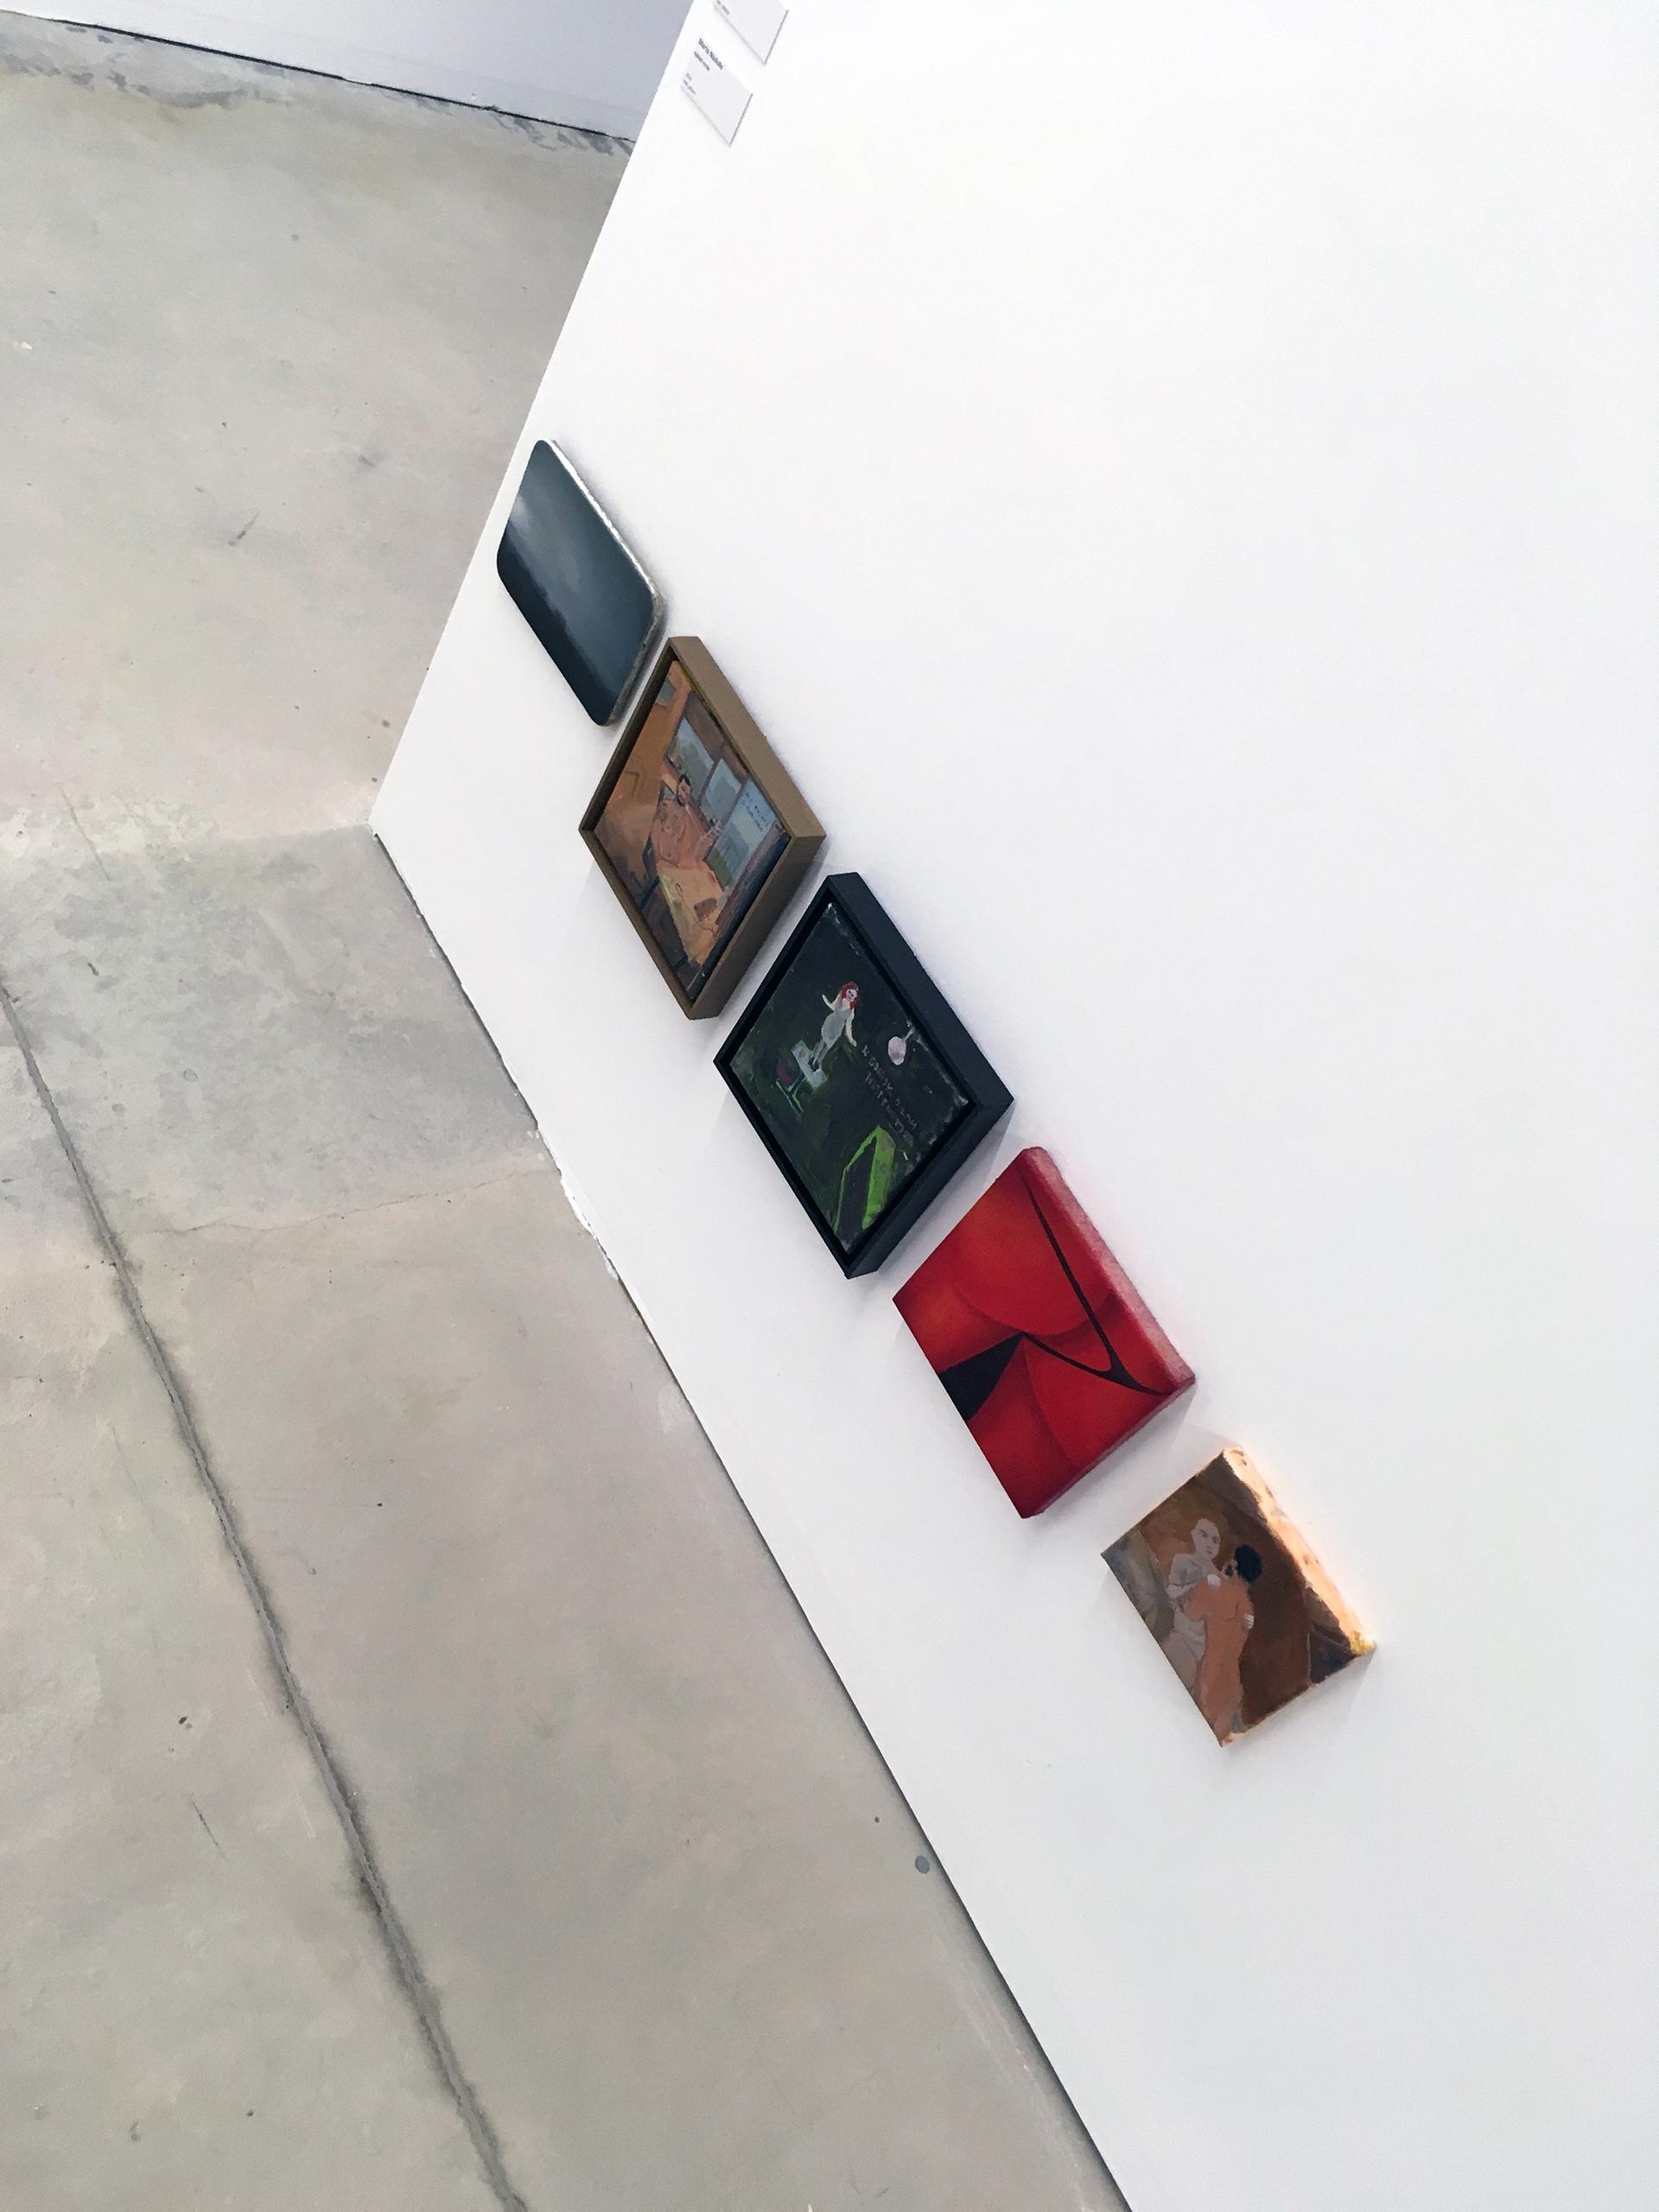 Zdjęcie przedstawia niewielkich formatów obrazki zawieszone na białej ścianie bardzo blisko podłogi.